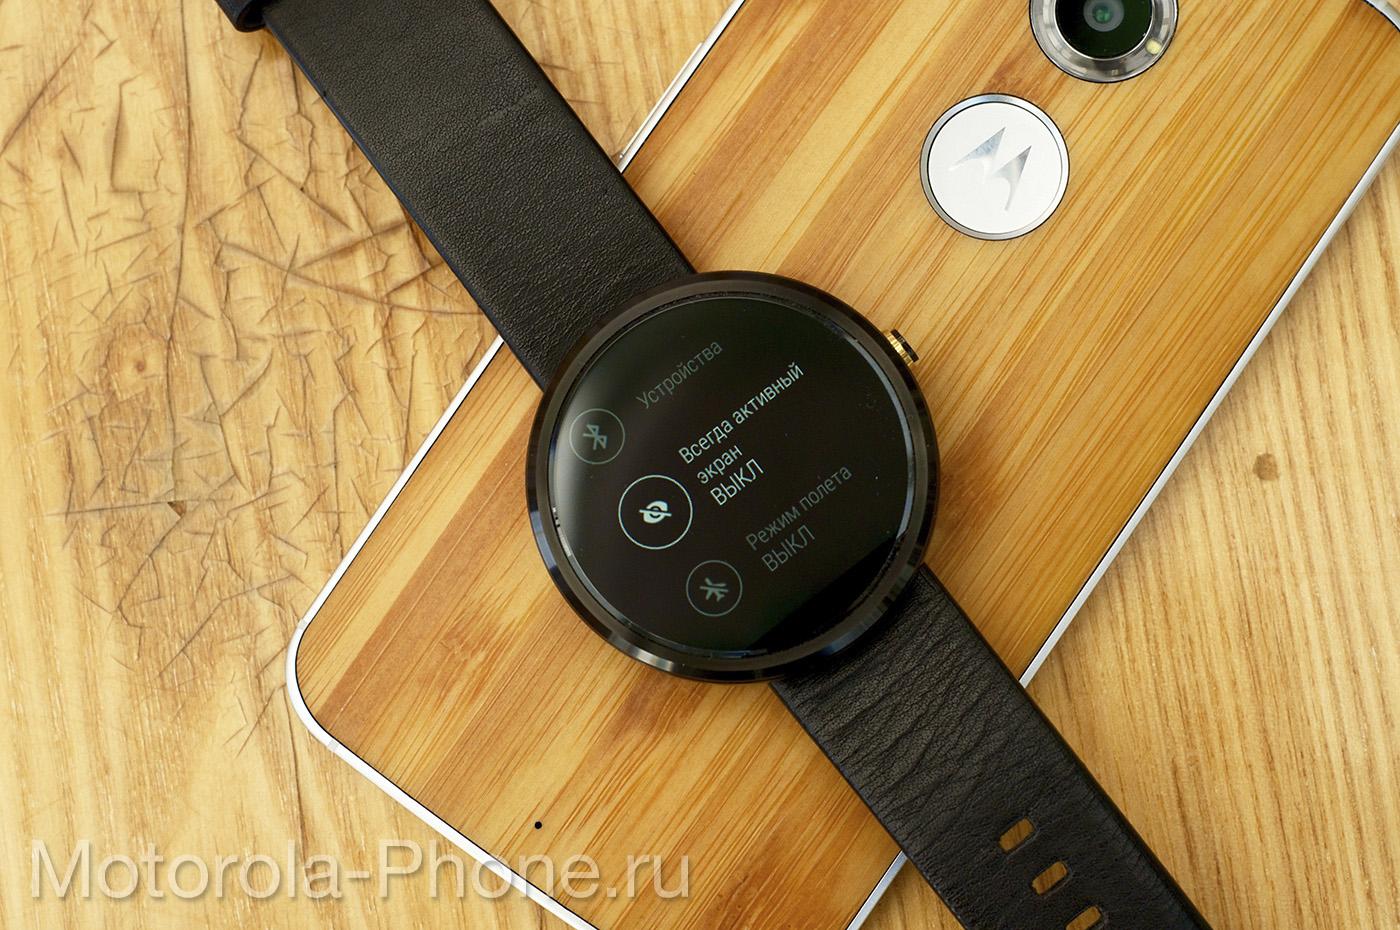 Motorola-Moto-360-Android-Wear-5-1-04 copy